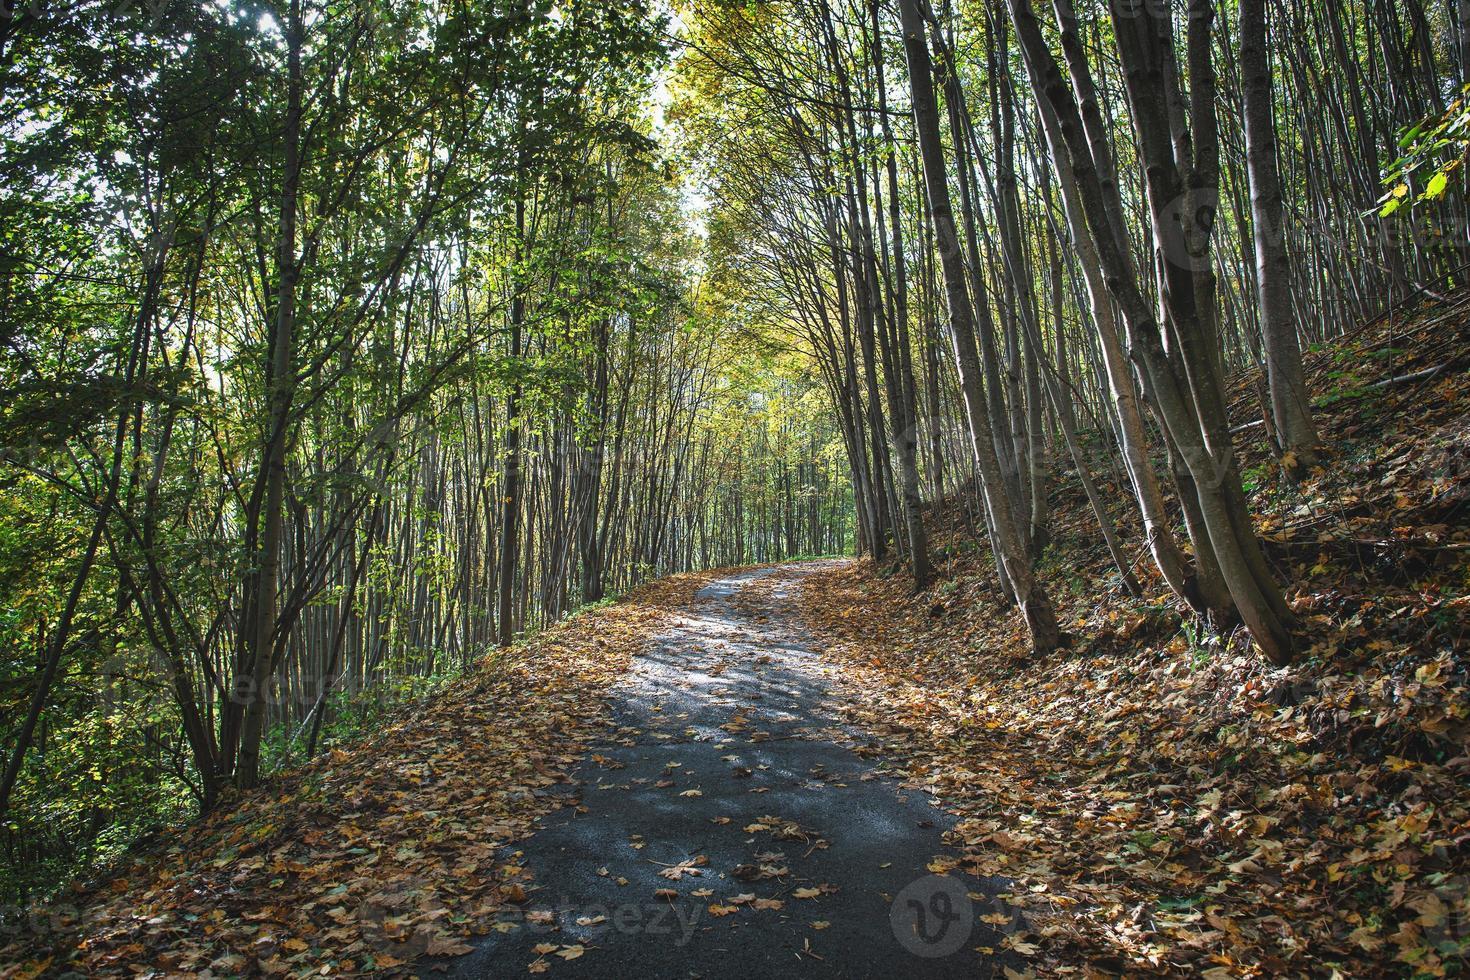 piccola strada di montagna in autunno con foglie cadute dalle piante foto